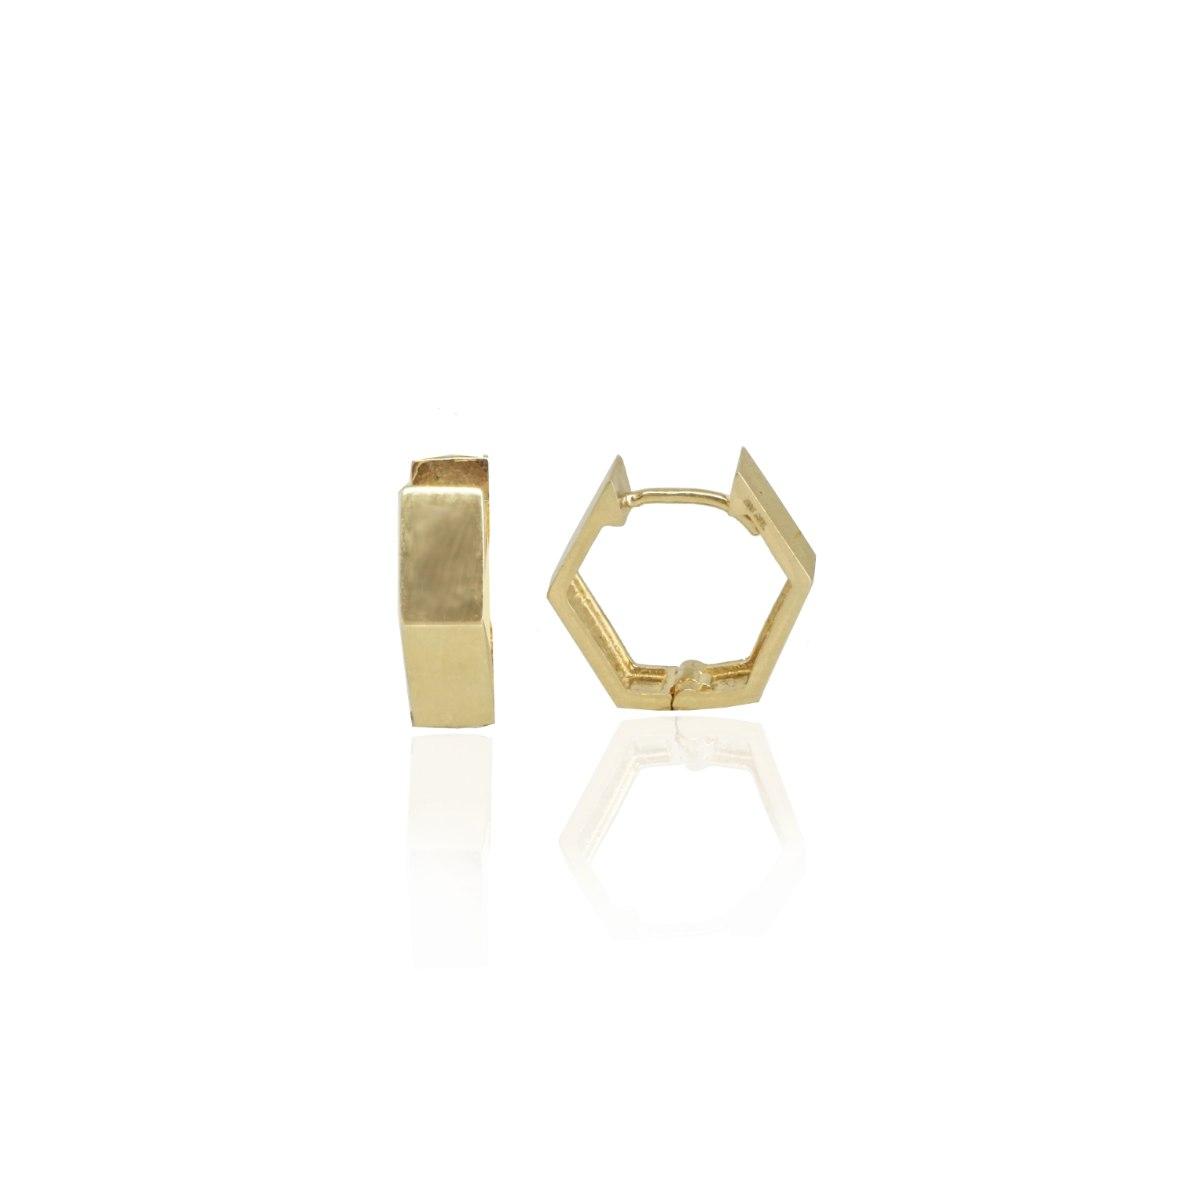 עגילי חישוק מחומש - קטנים - 1.3 סמ - 4.35 ממ רוחב - מזהב אמיתי 14 קאראט